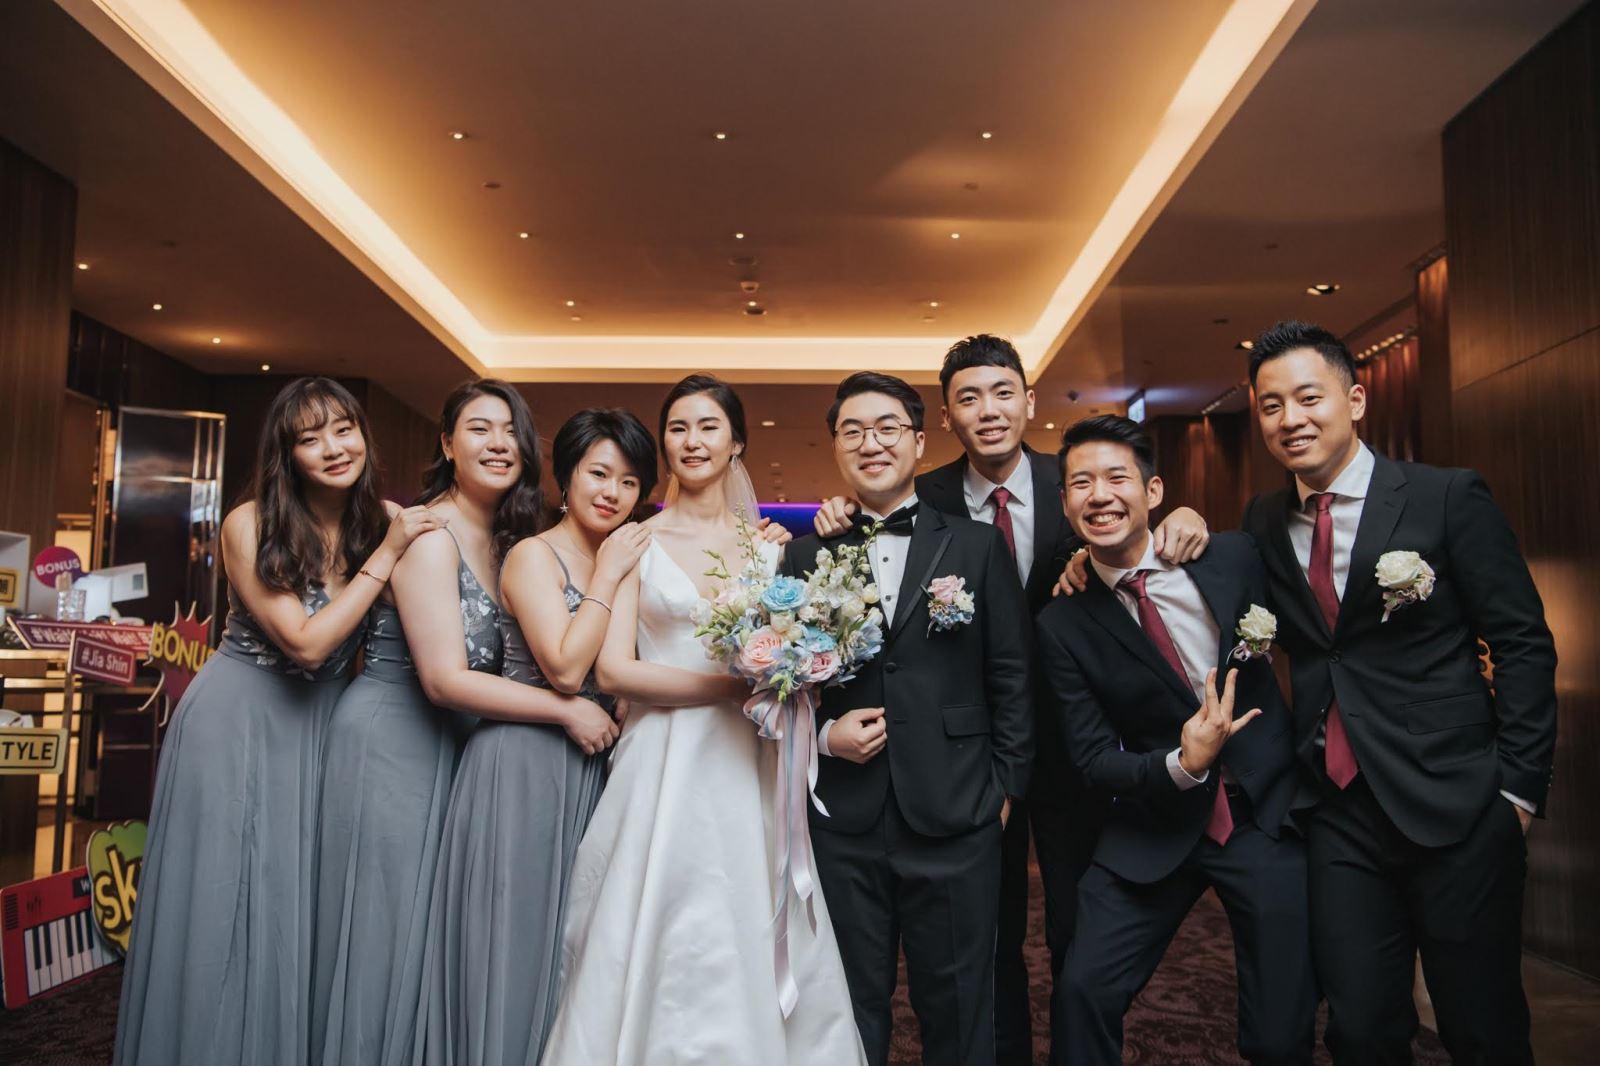 婚禮上不可缺少的伴郎與伴娘